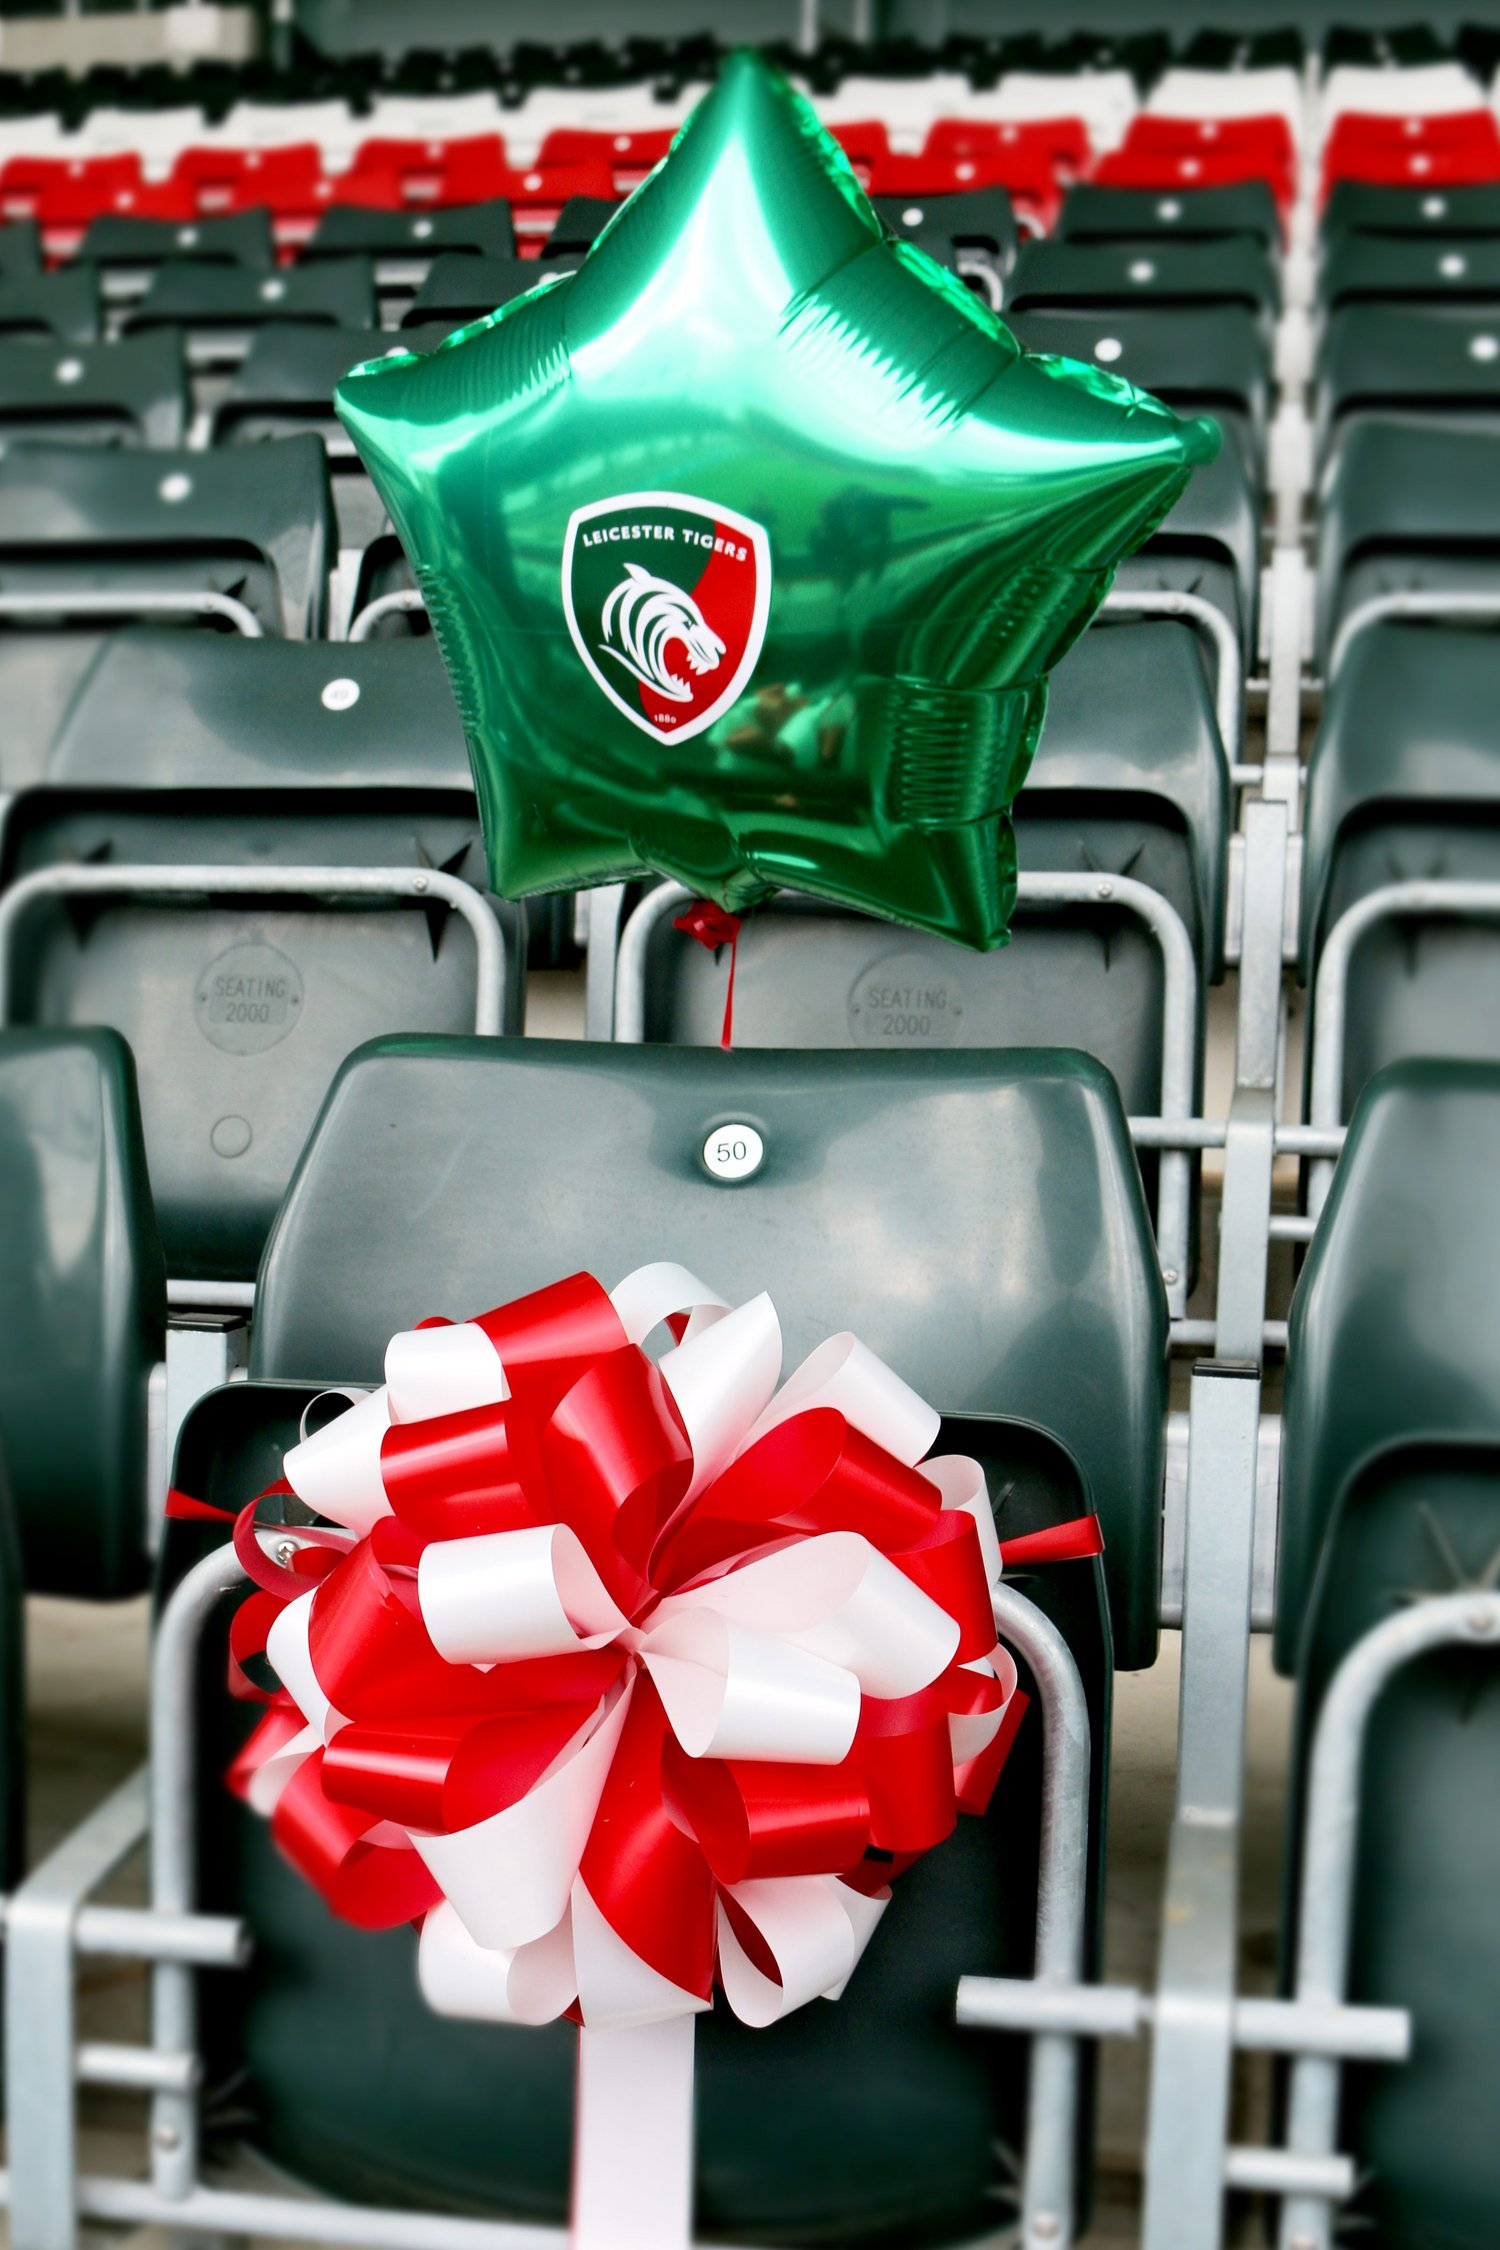 Season ticket balloon